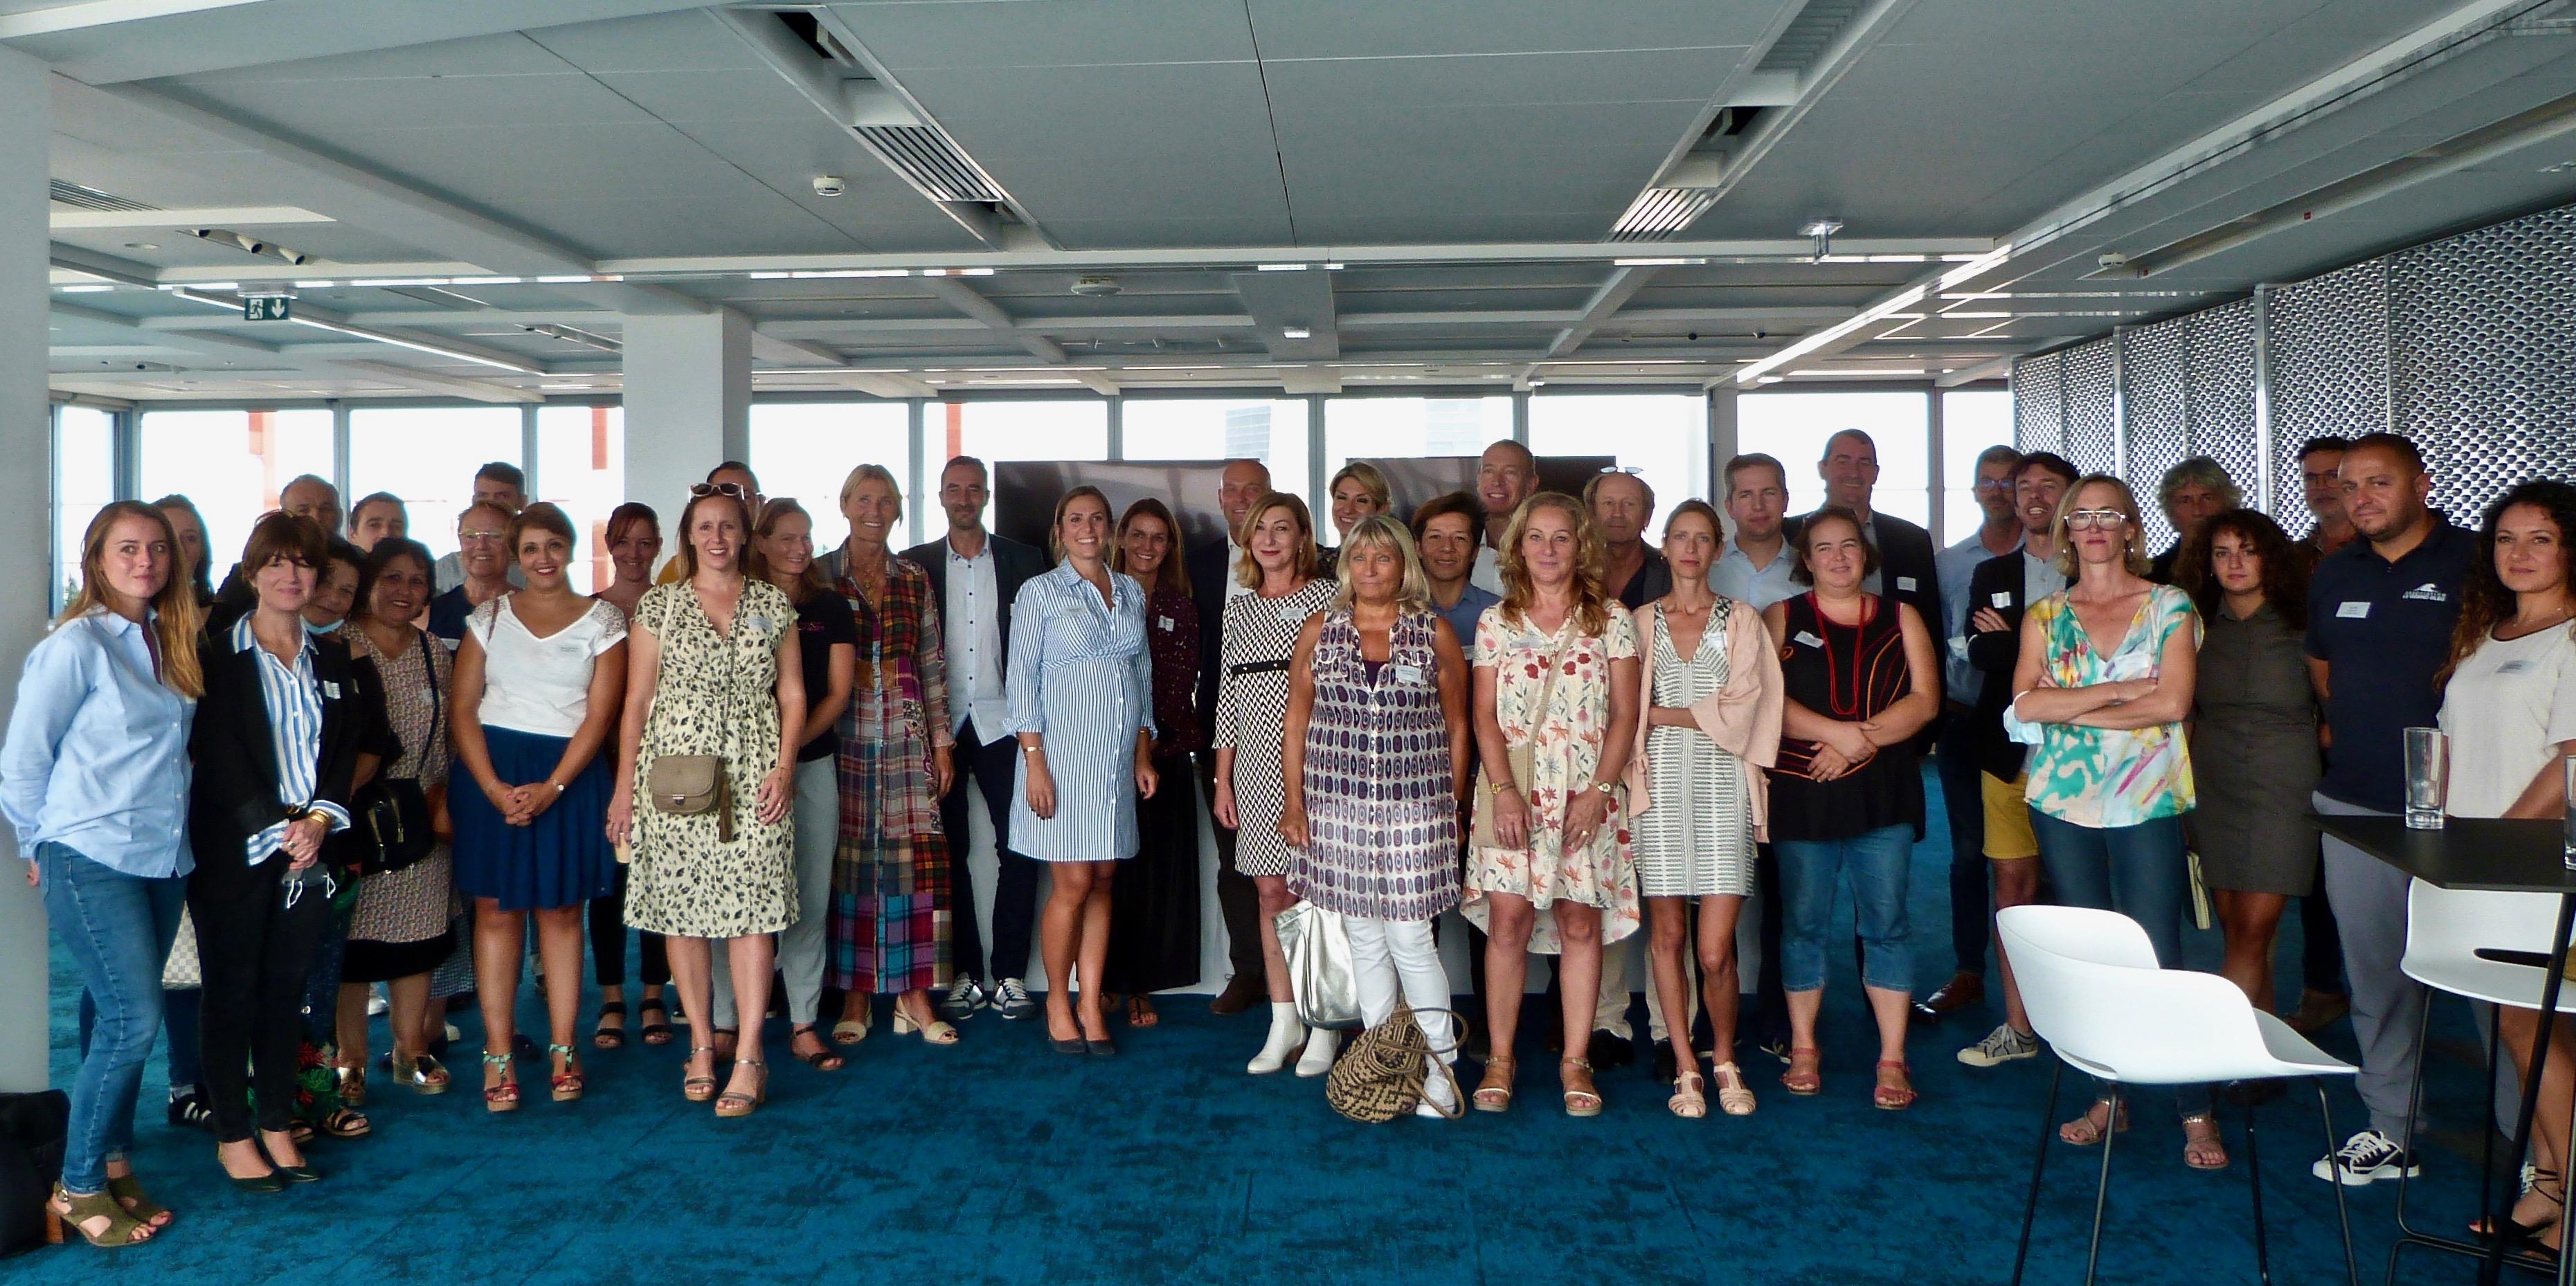 Lors du 15e anniversaire du « Projet Banlieue », les associations accompagnées se sont réunies au Sky Center de la Tour La Marseillaise à l'invitation de l'équipe de BNP Paribas Sud-Est©MOH.